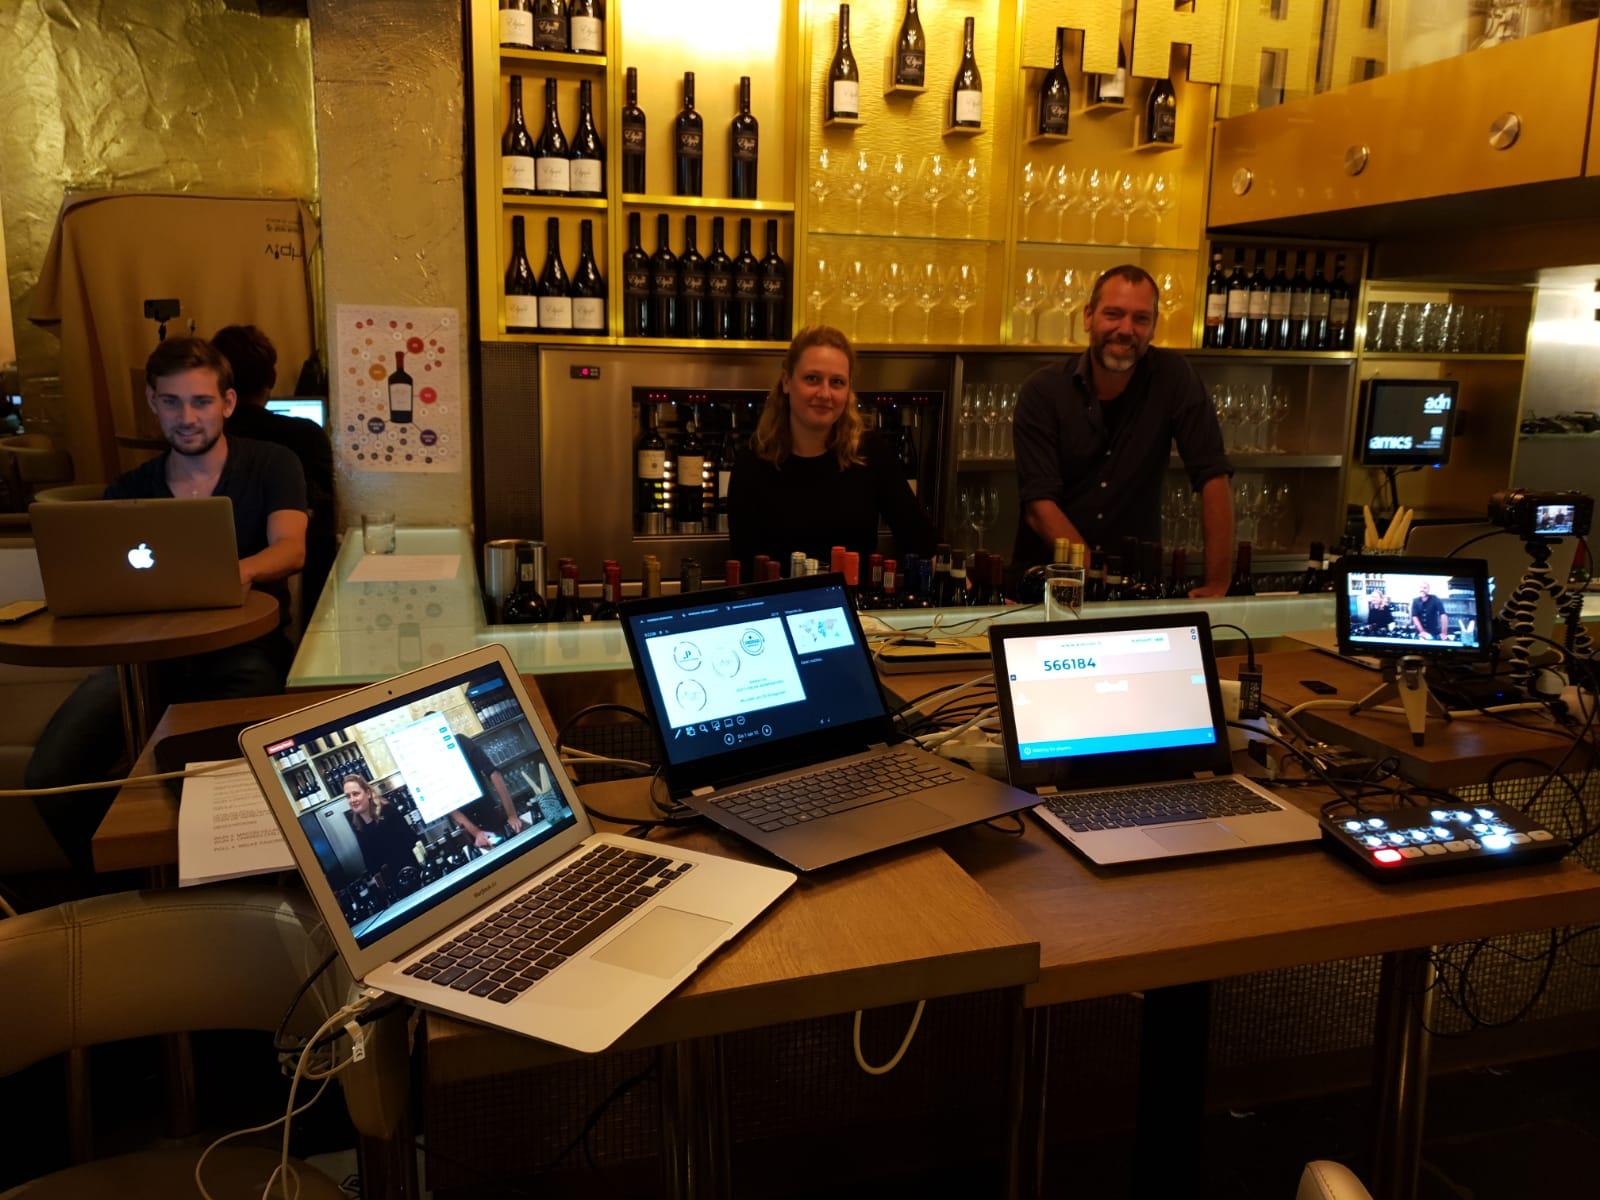 Maandelijks organiseert wijnbar VIQH samen met VIQH aan Huis een inspirerende wijnproeverij. Tijdens deze online wijnproeverij zullen wij steeds een ander wijnthema behandelen. Door heel Nederland kunt u deelnemen aan deze originele online wijnproeverij